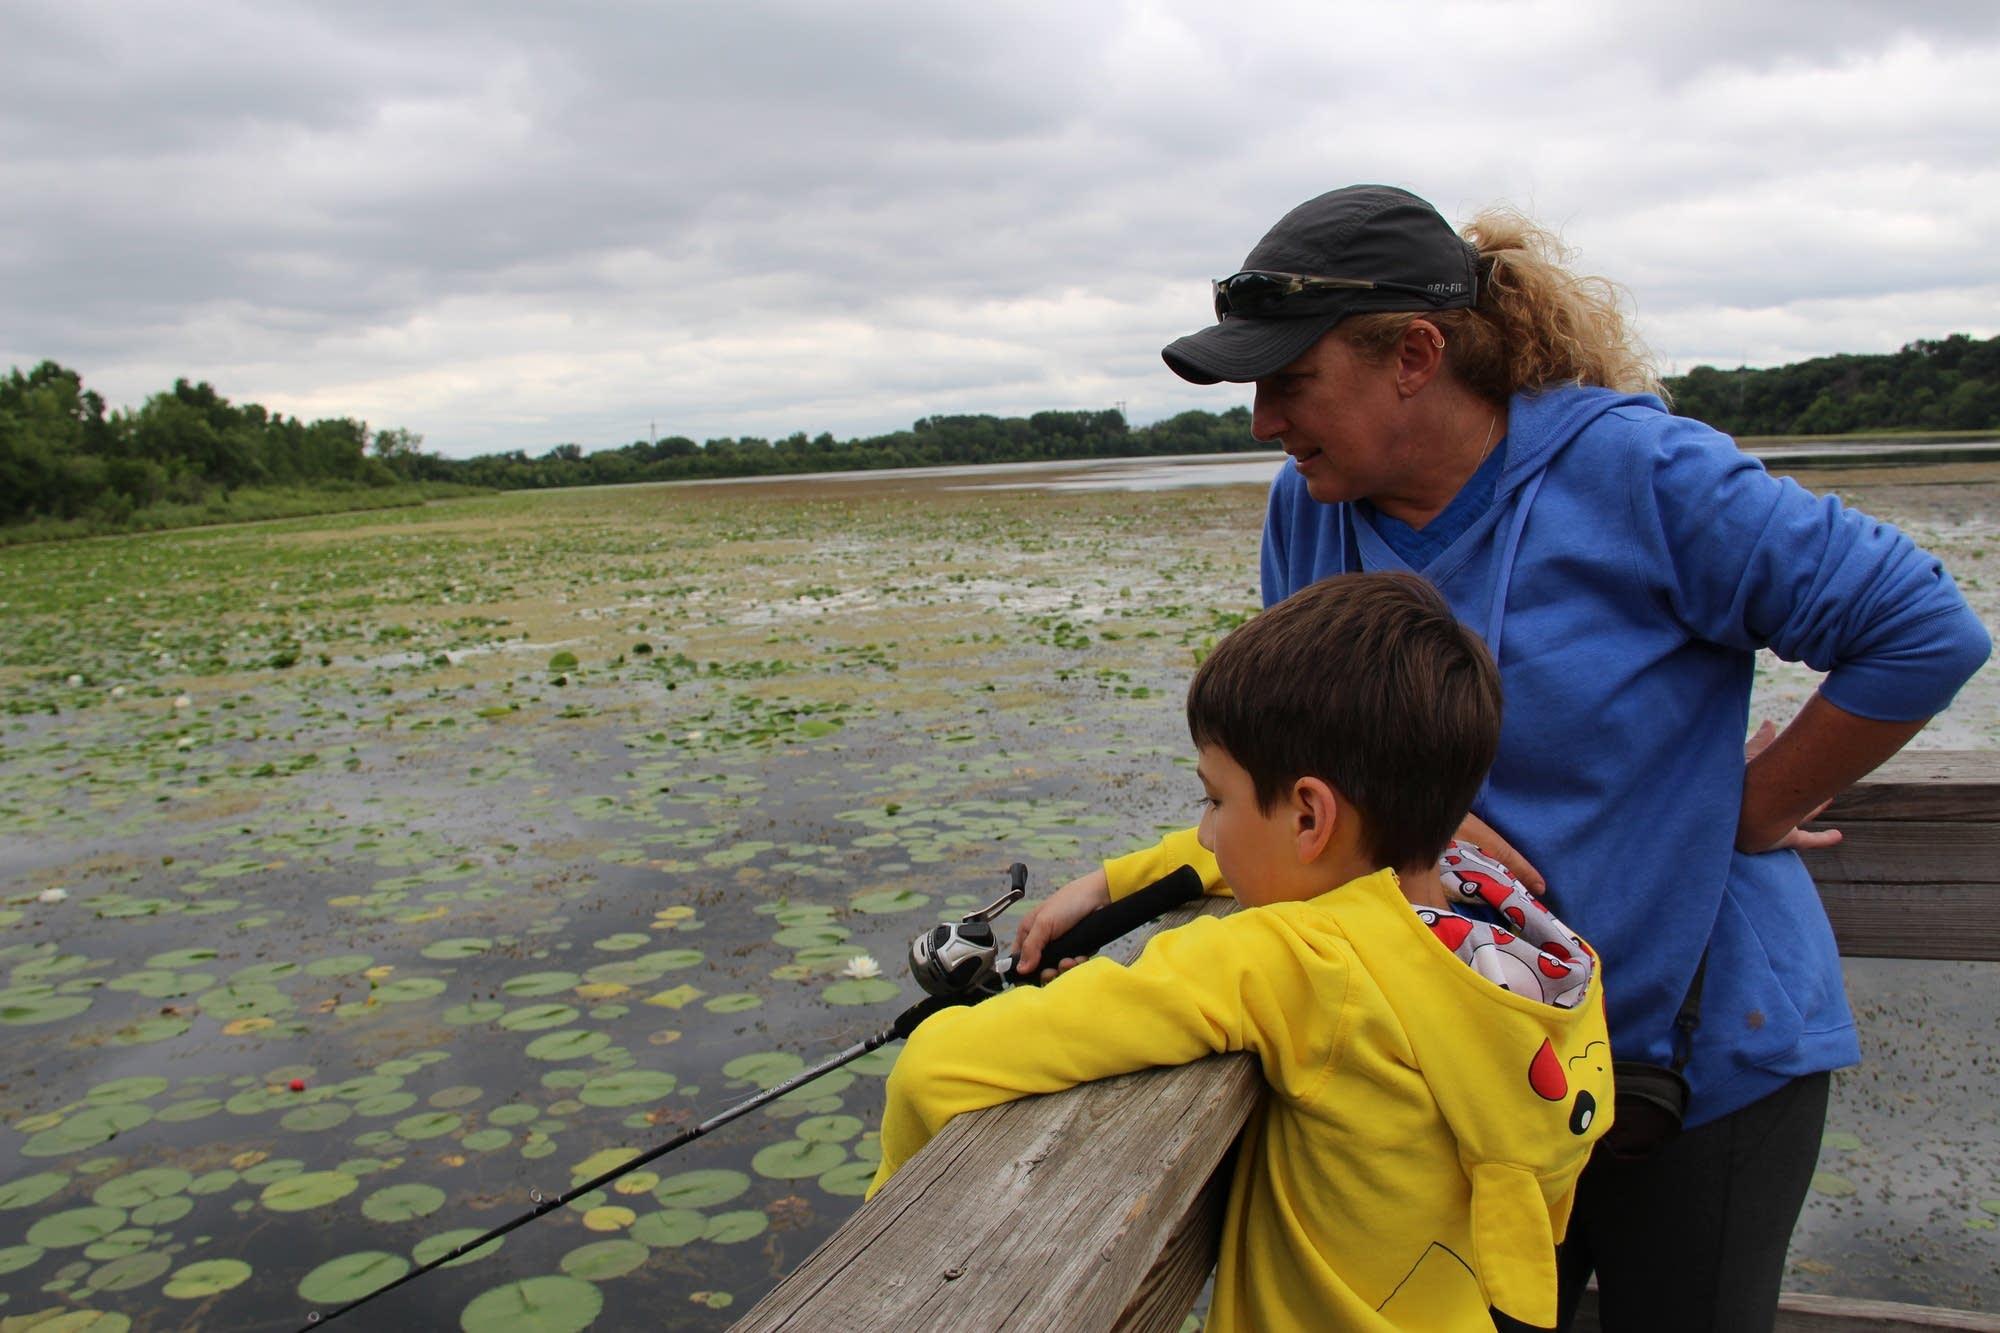 Monika Saxe watches as her nephew Lance Montminy fishes.